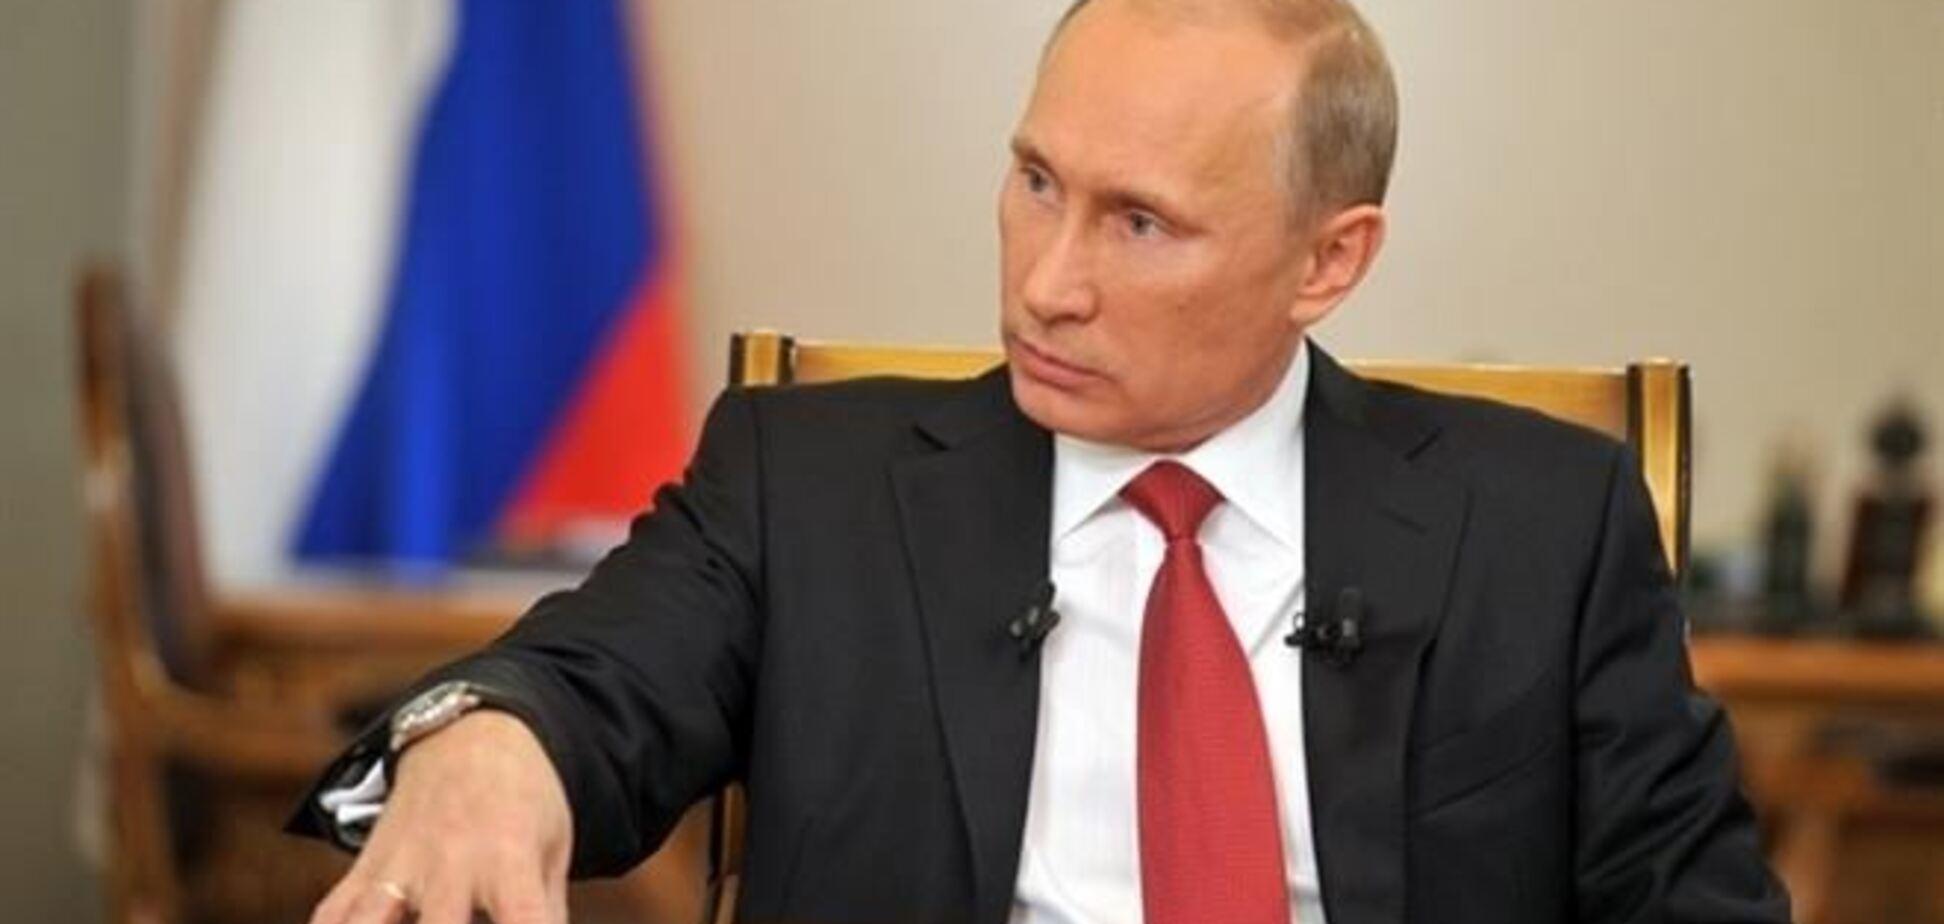 В СМИ попал план Путина по 'захвату Украины'